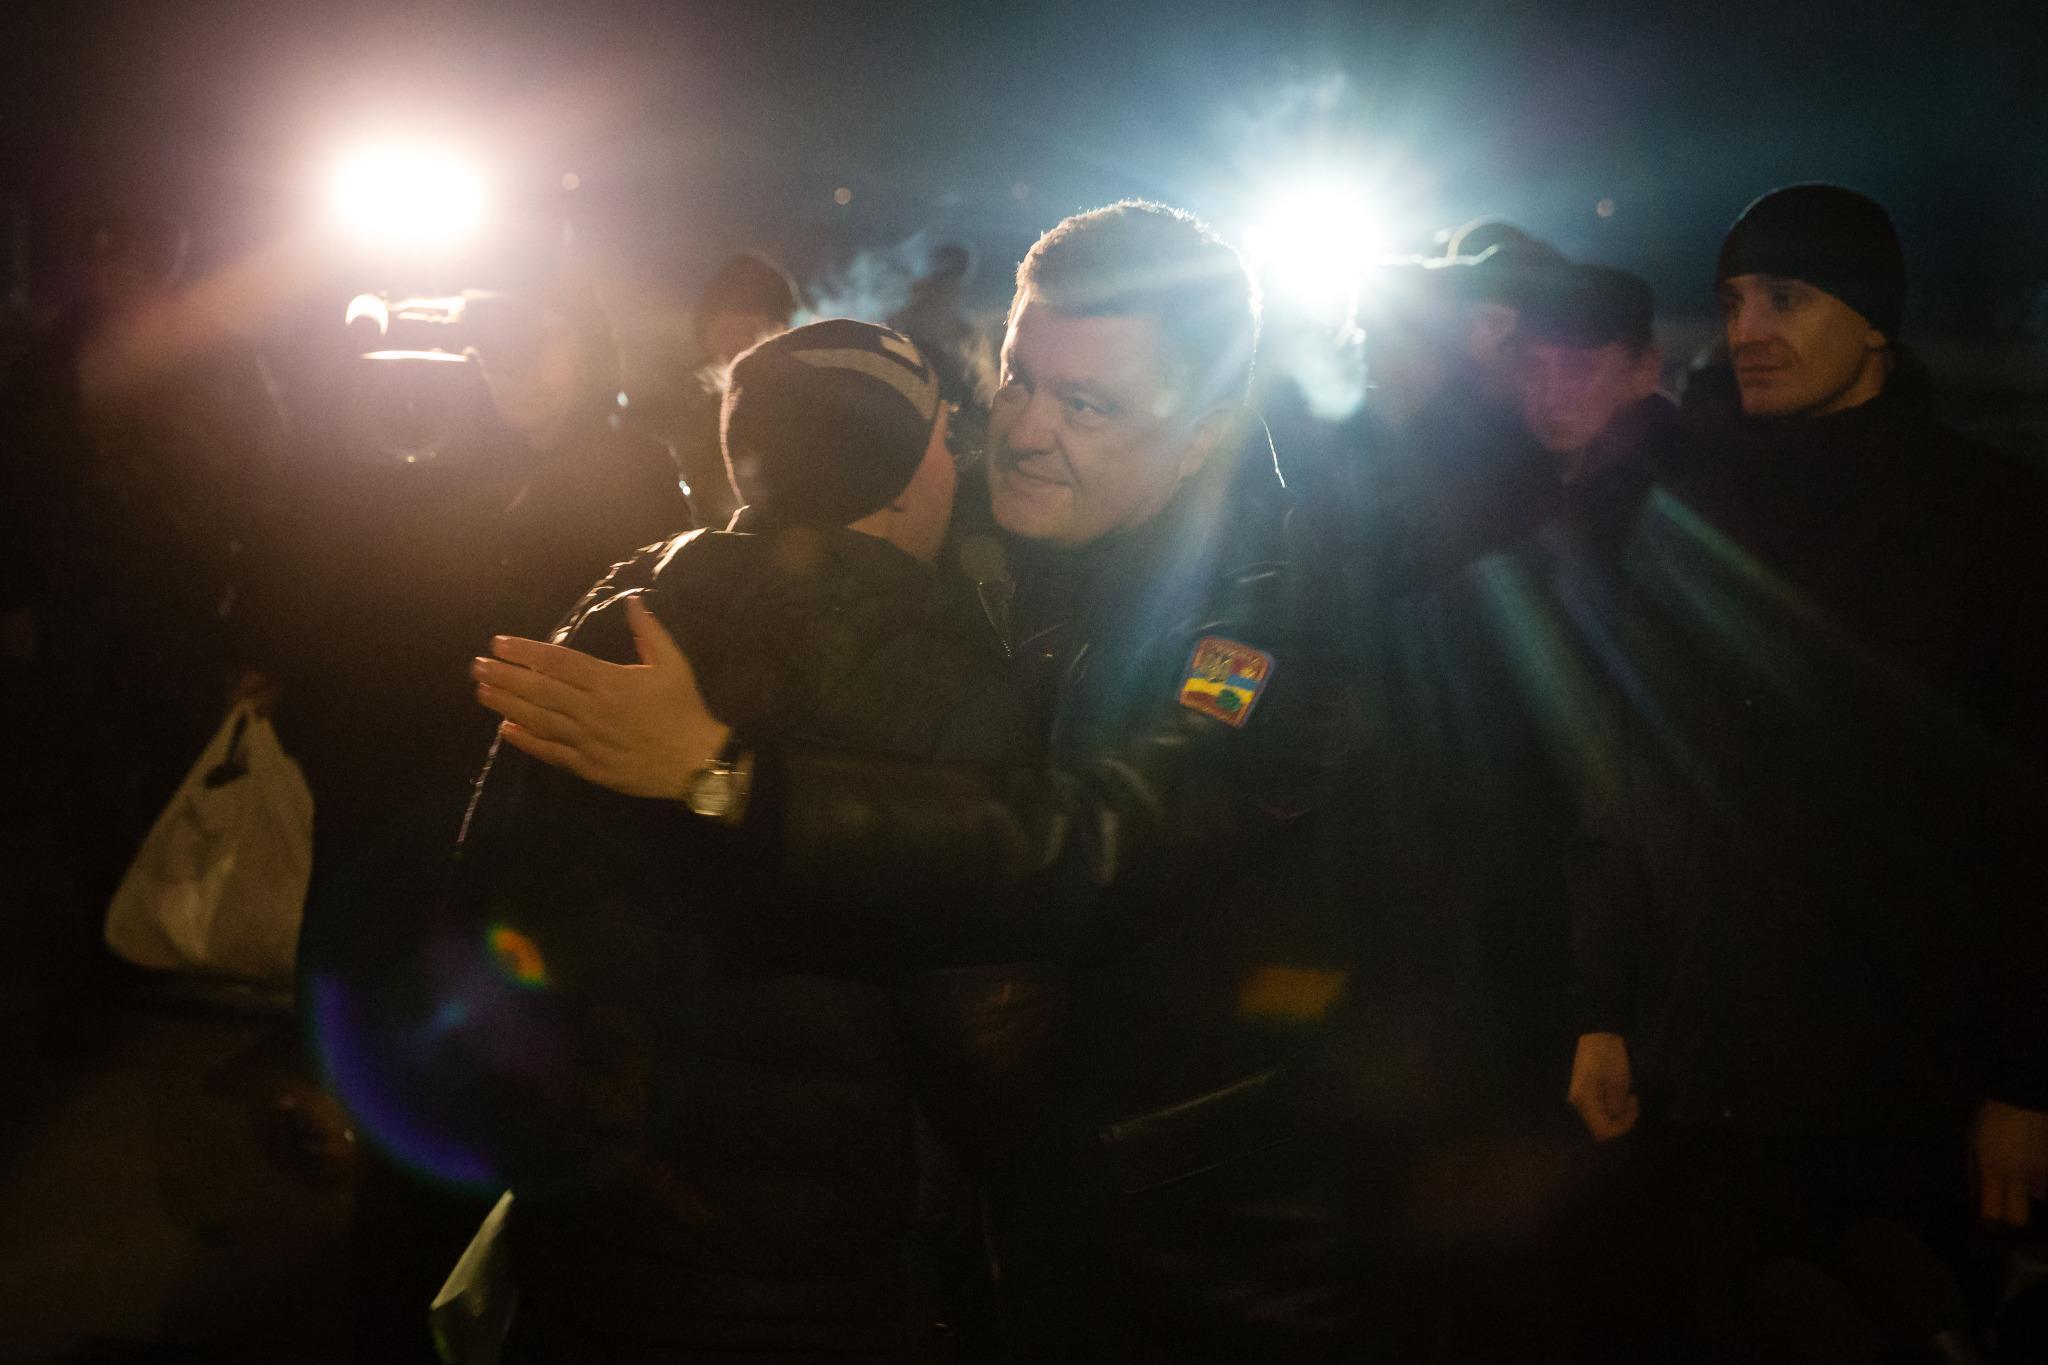 В Кремле похвалили кума Путина Медведчука за участие в переговорах по обмену пленными - Цензор.НЕТ 5455